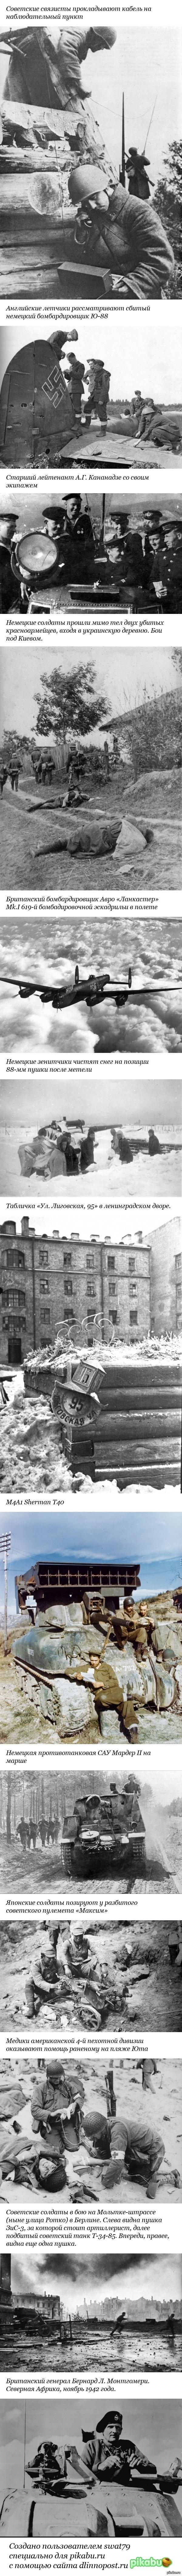 Фото Второй Мировой войны 36 для подписчиков часть 36( с описанием )